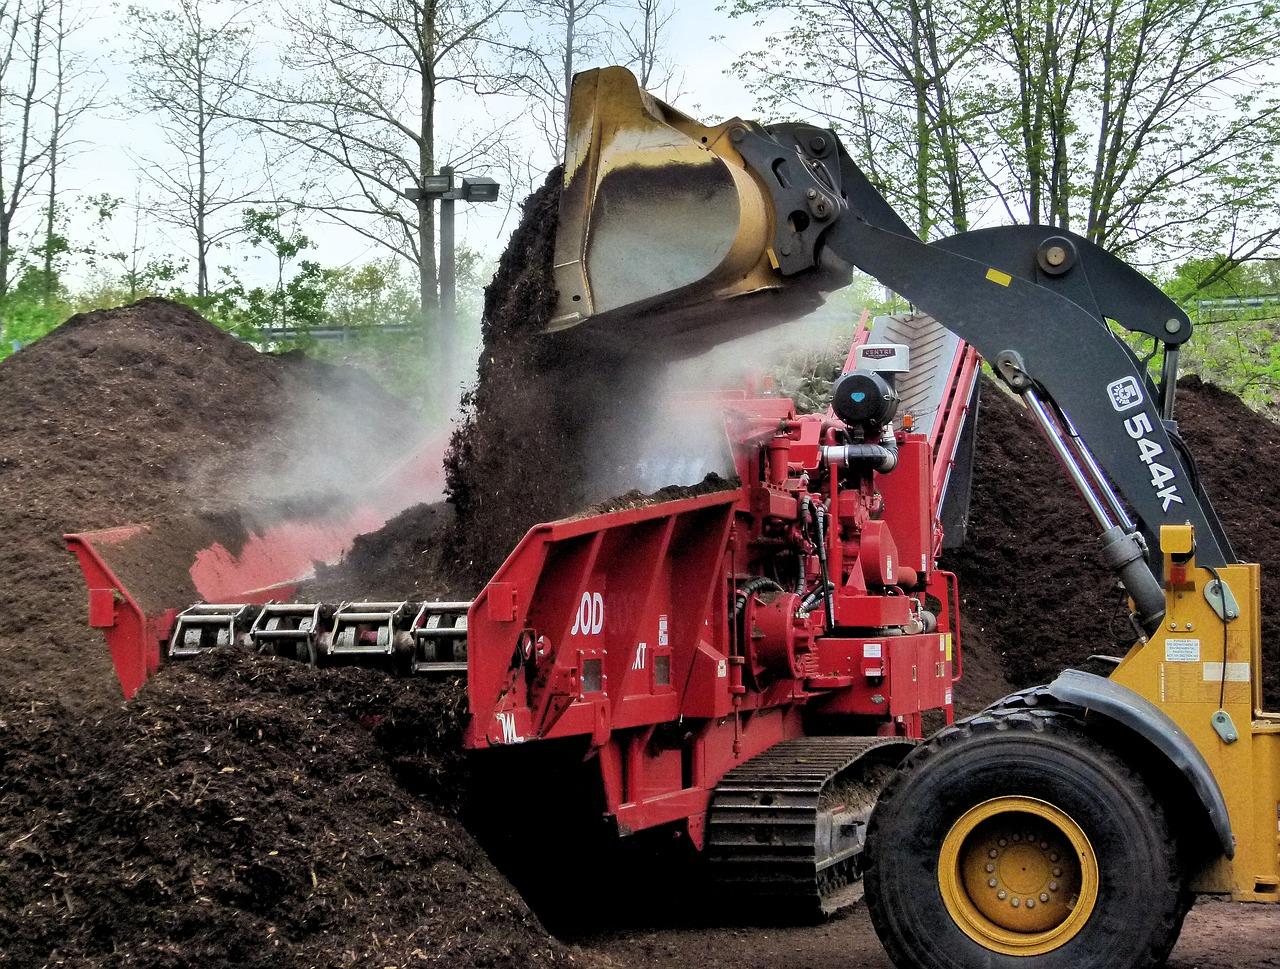 compost-grinder-3389086_1280